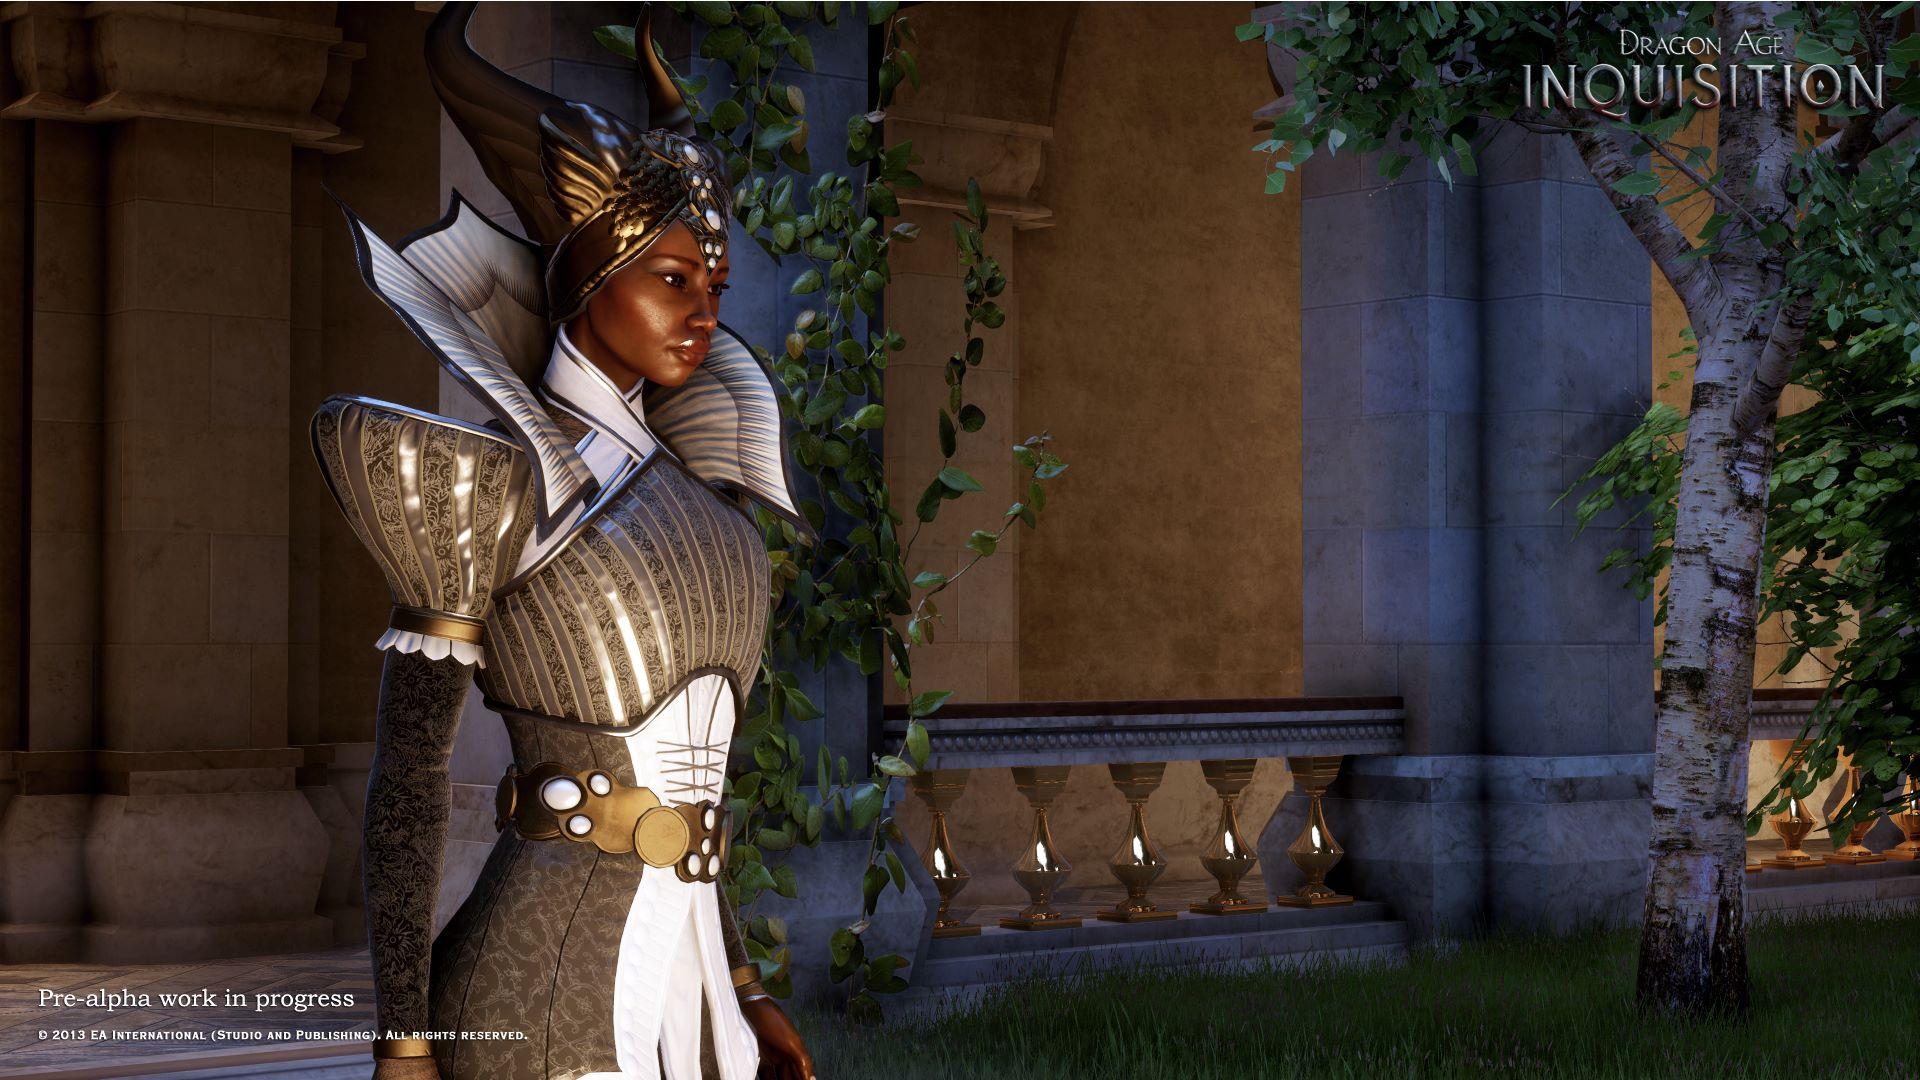 Vivienne, официальный волшебник императорского двора, и последователь в Dragon Age: Inquisition.. - Изображение 1